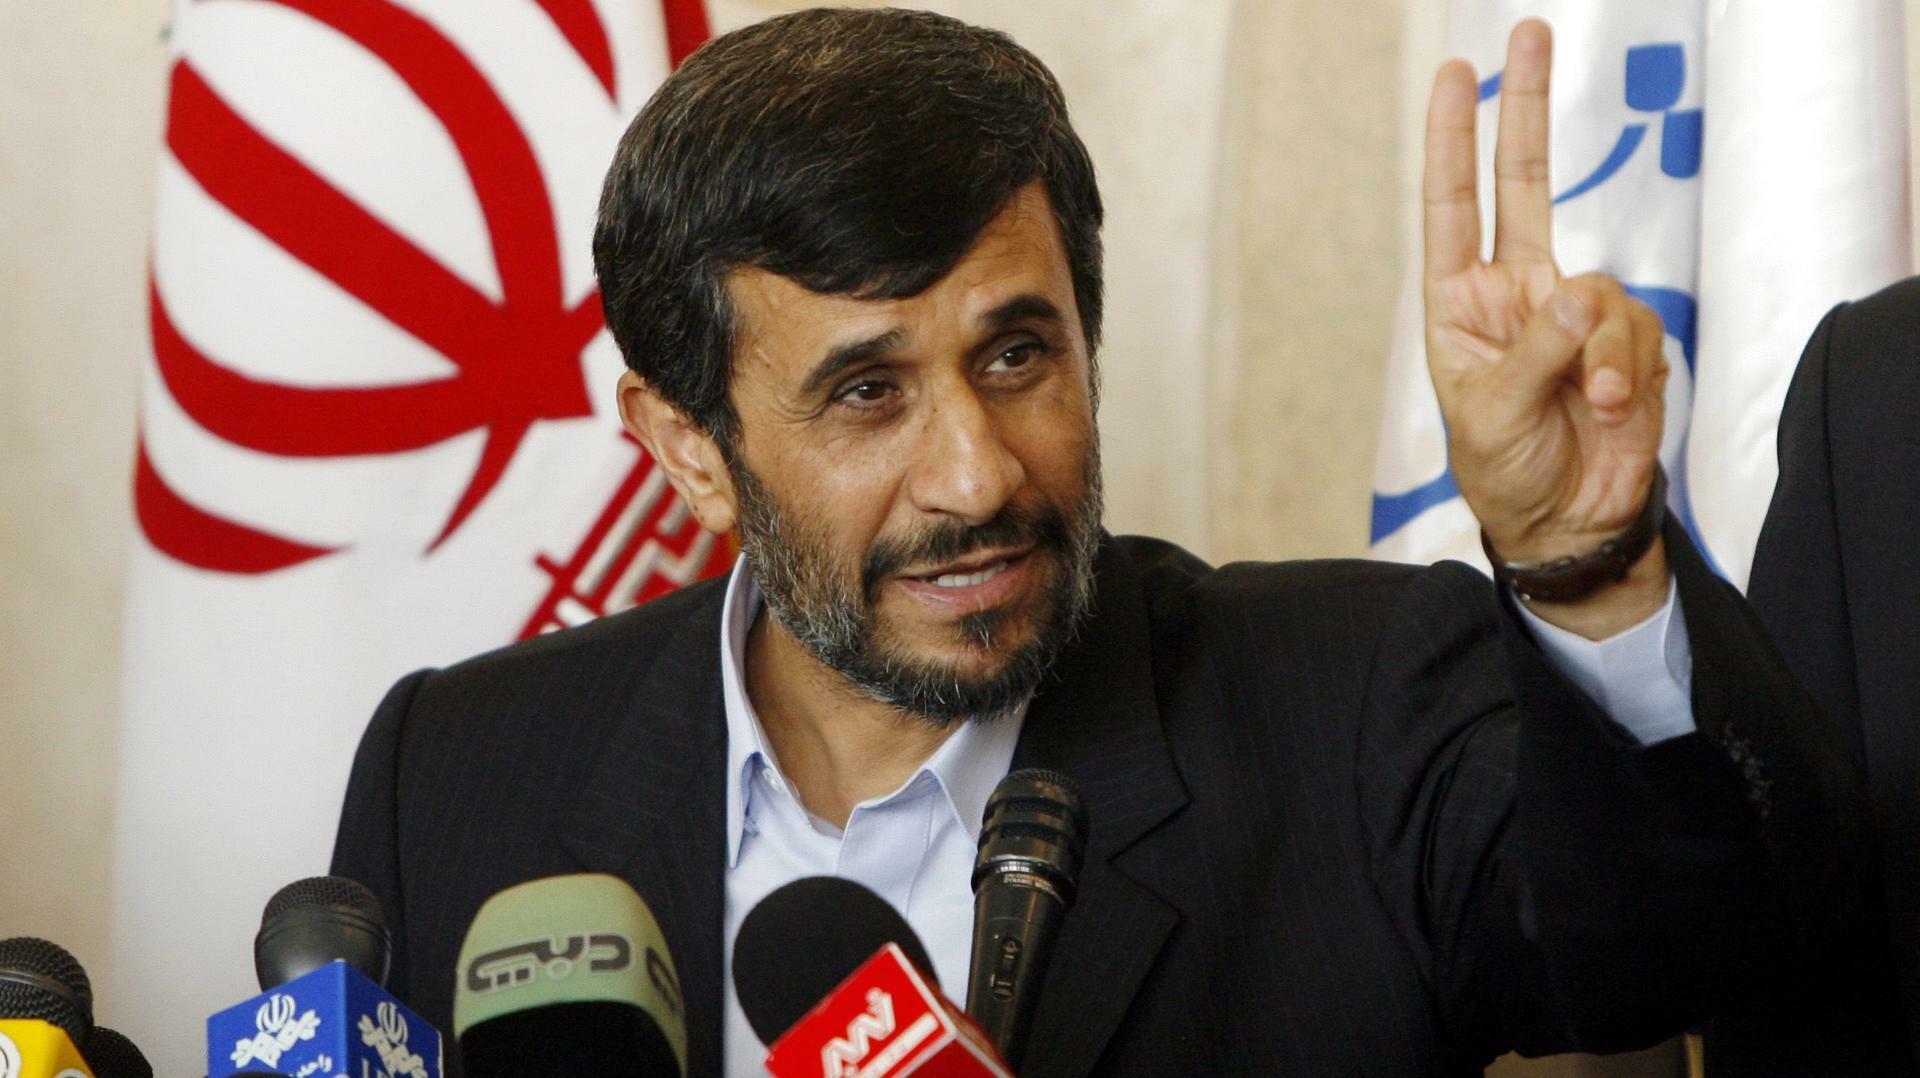 Konflikt mit Iran: Das iranische Atomprogramm